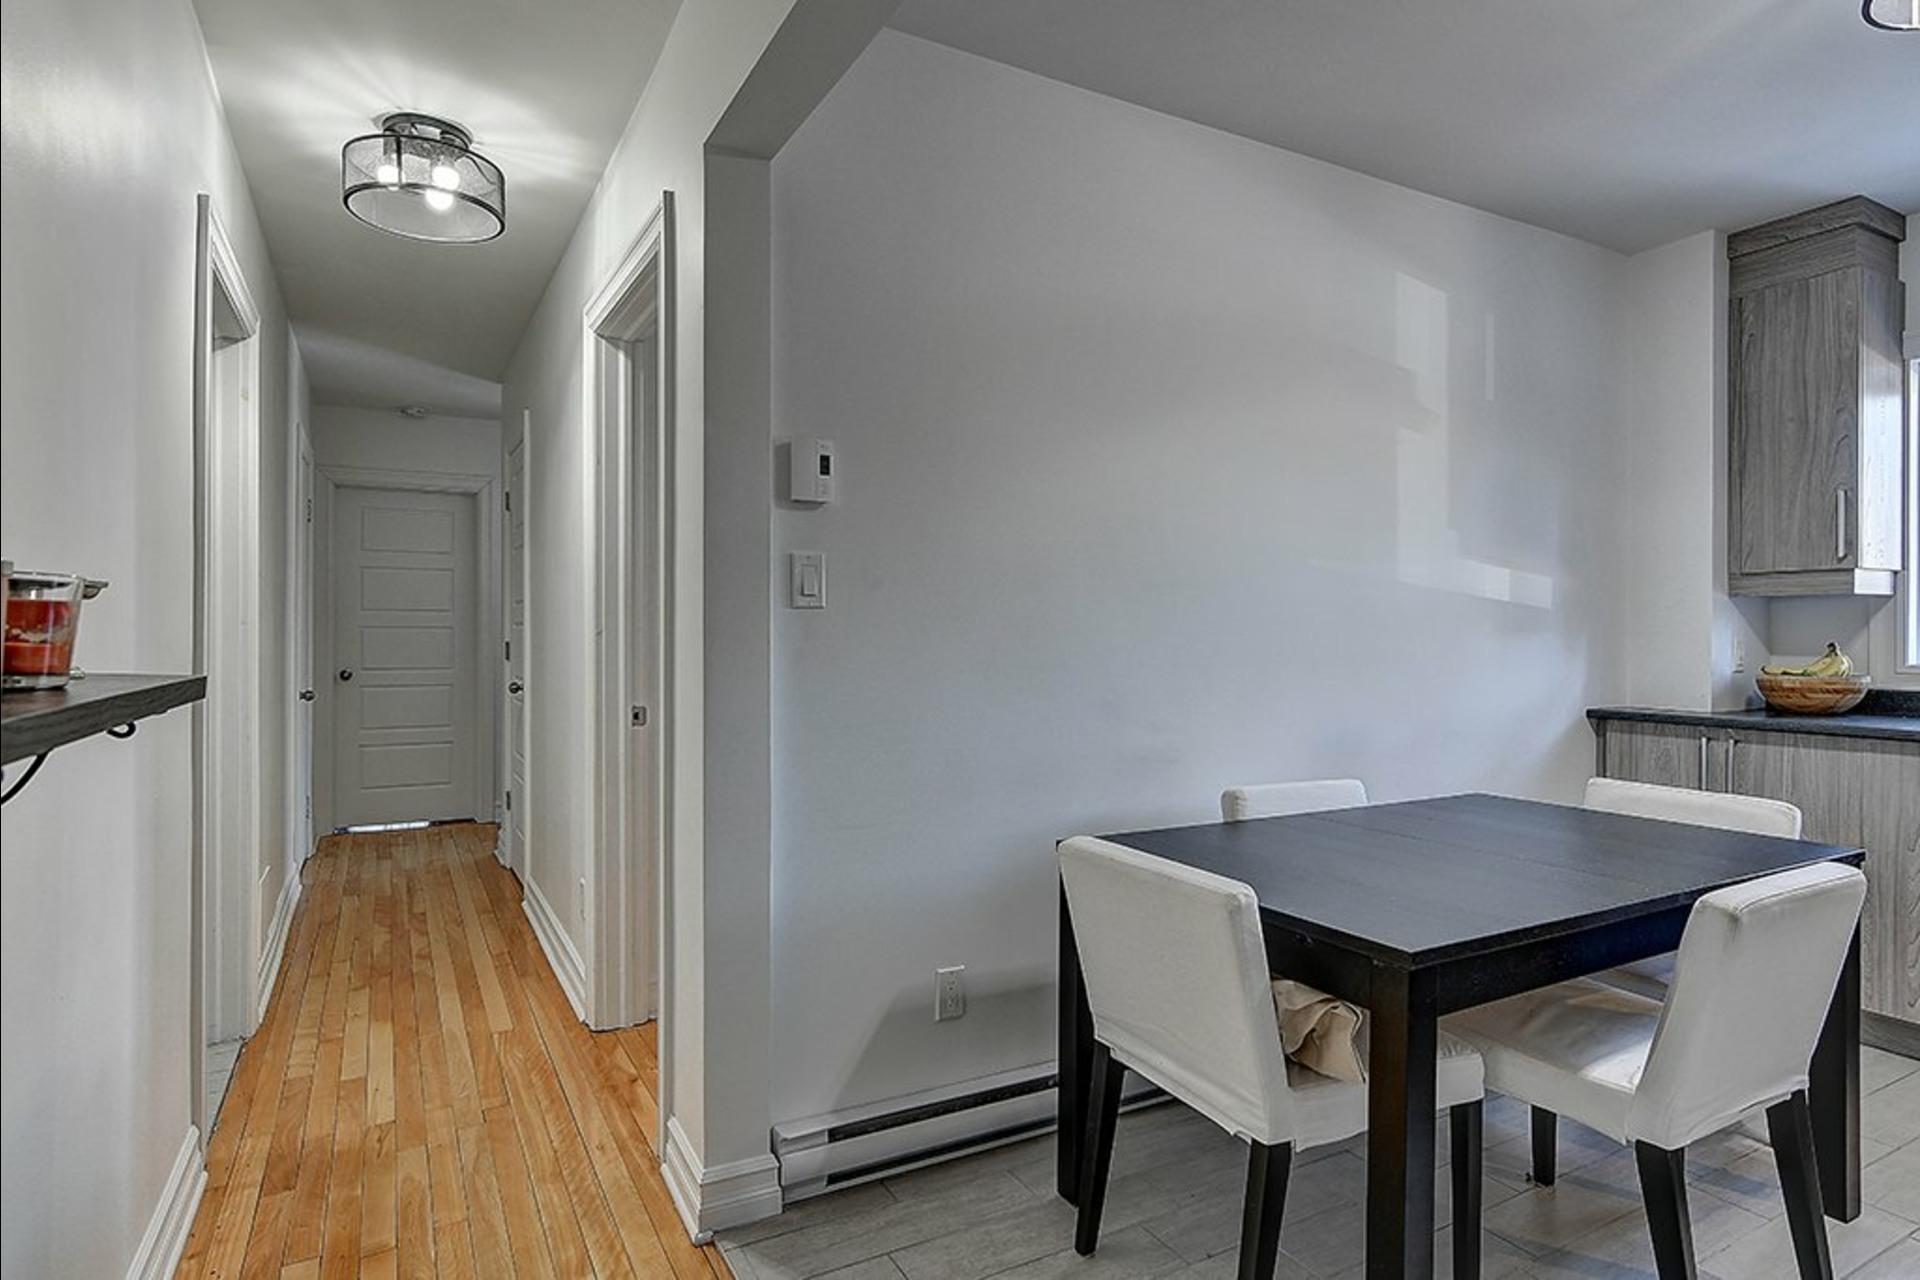 image 8 - Immeuble à revenus À vendre Montréal Le Sud-Ouest  - 4 pièces